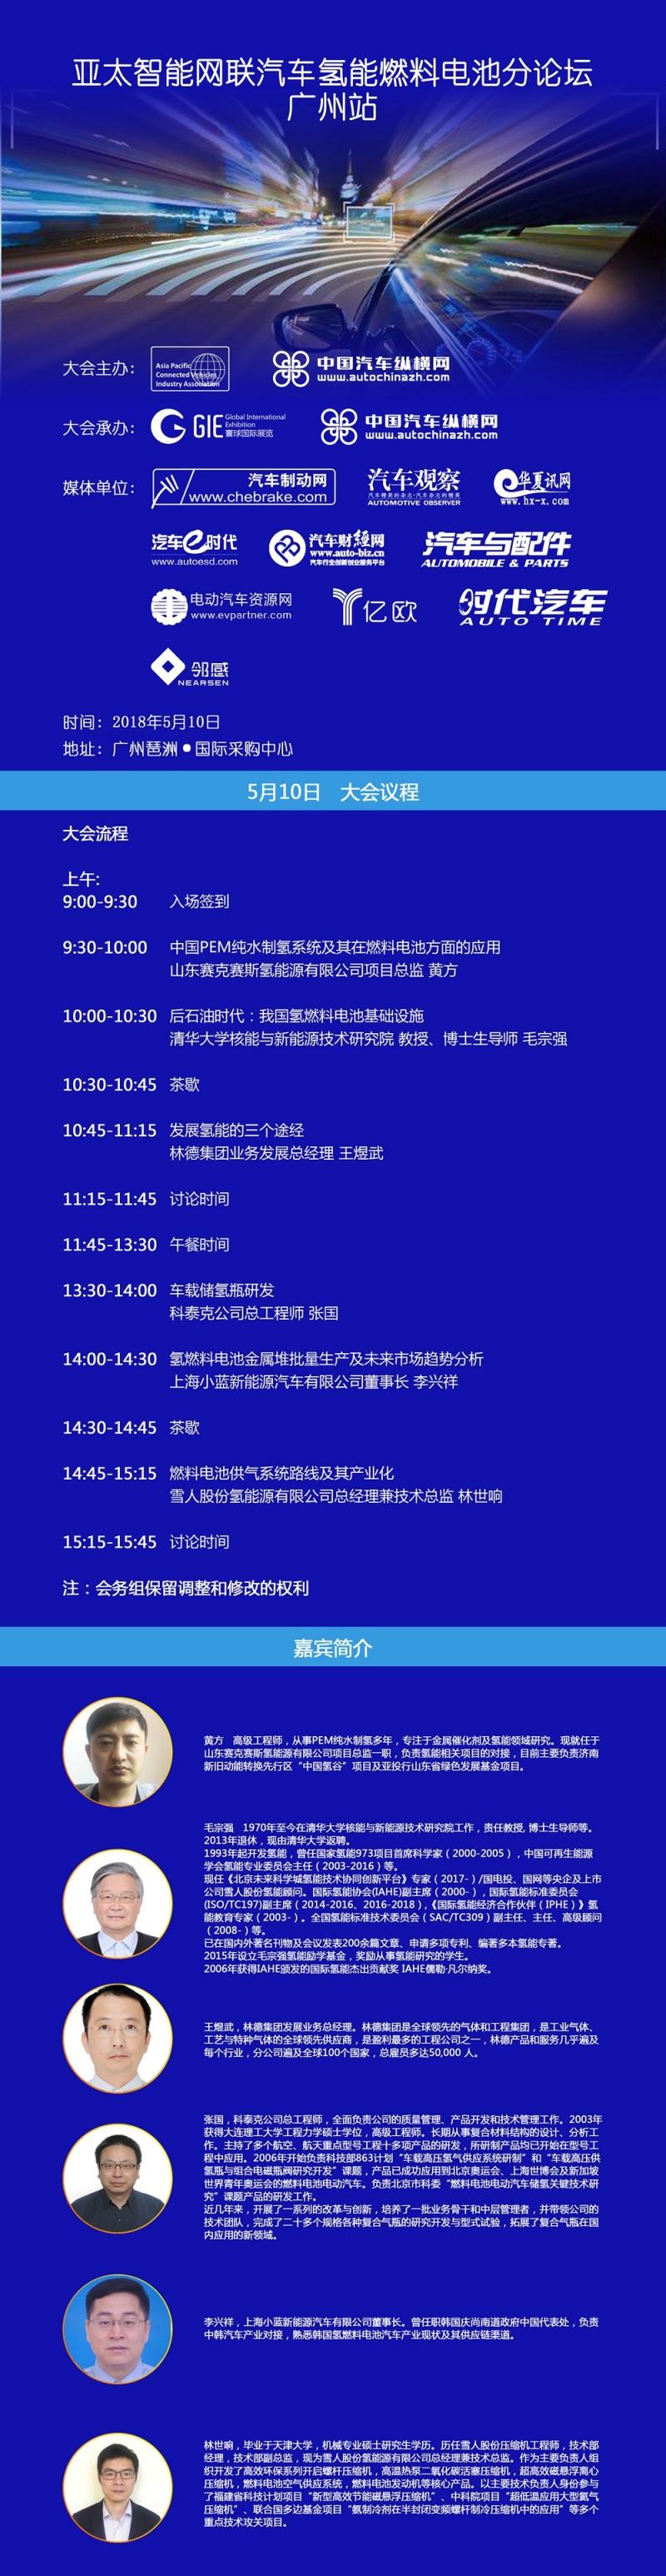 约吗?广州将有一场智能网联、氢燃料电池的头脑风暴等你